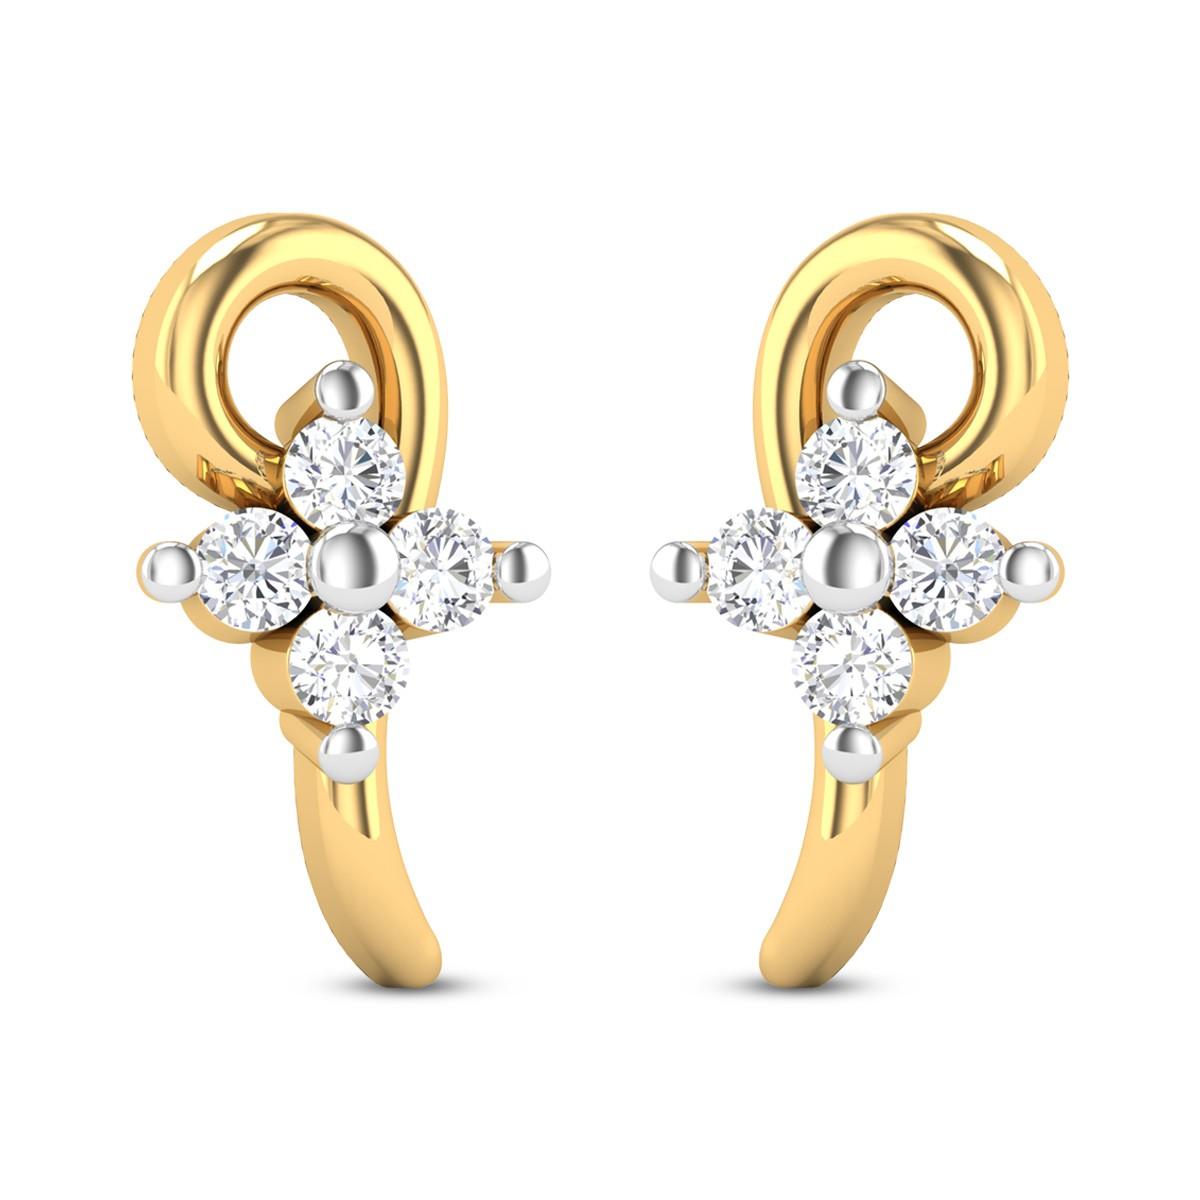 Cafleen Diamond Earrings